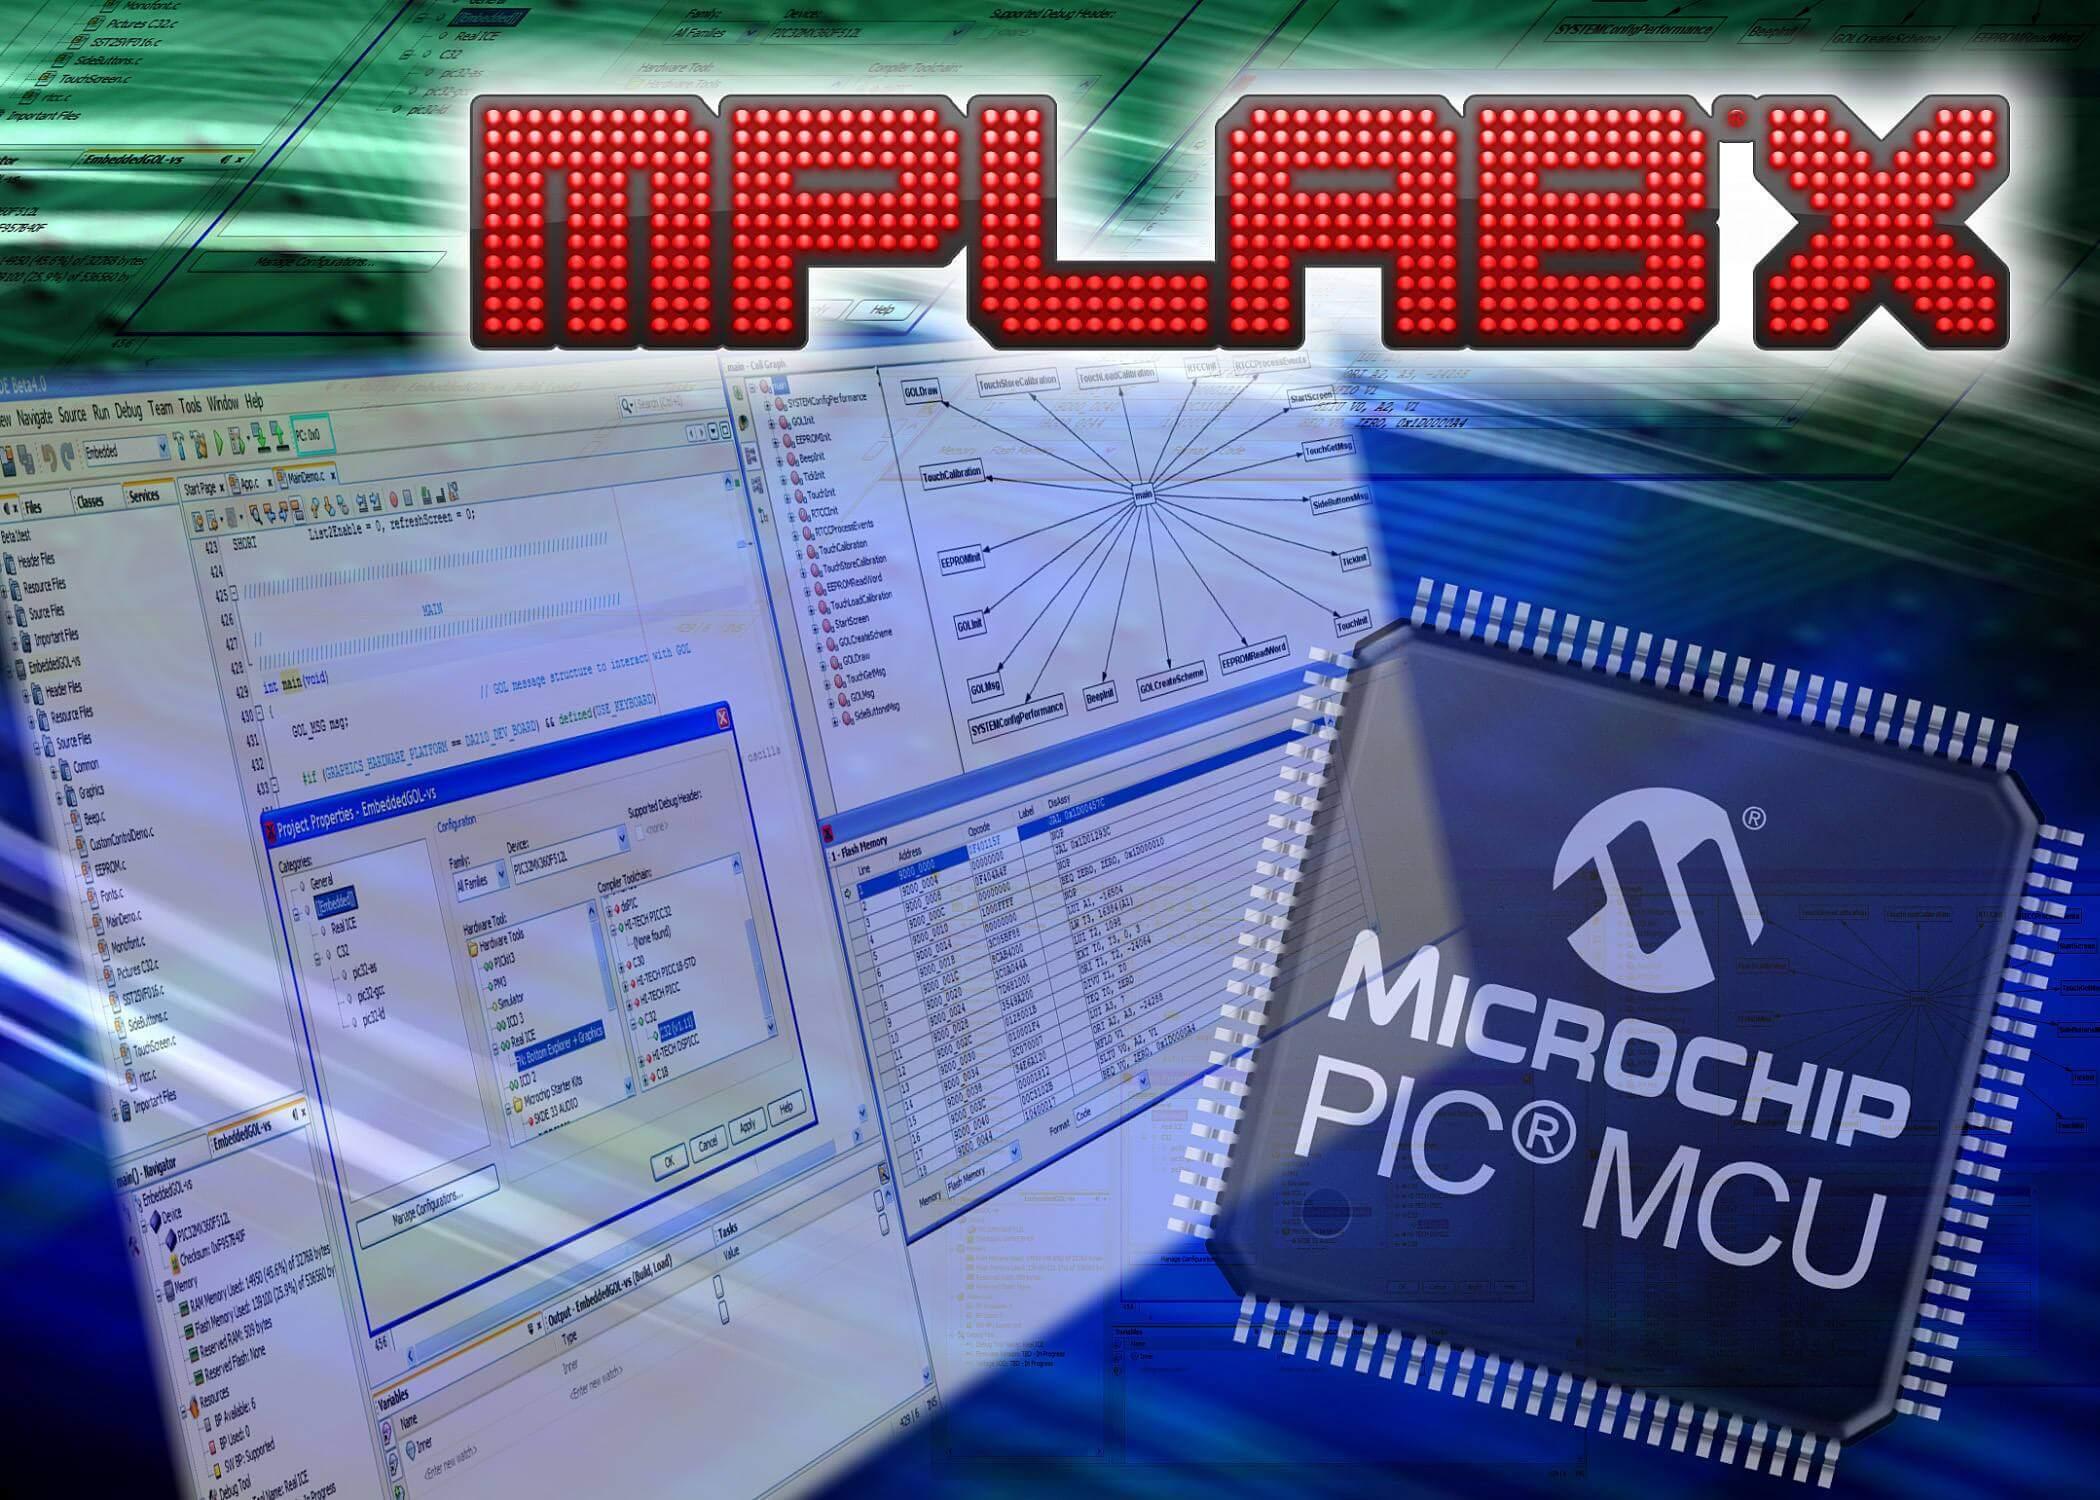 MPLAB_X_IDE_microchip_pic